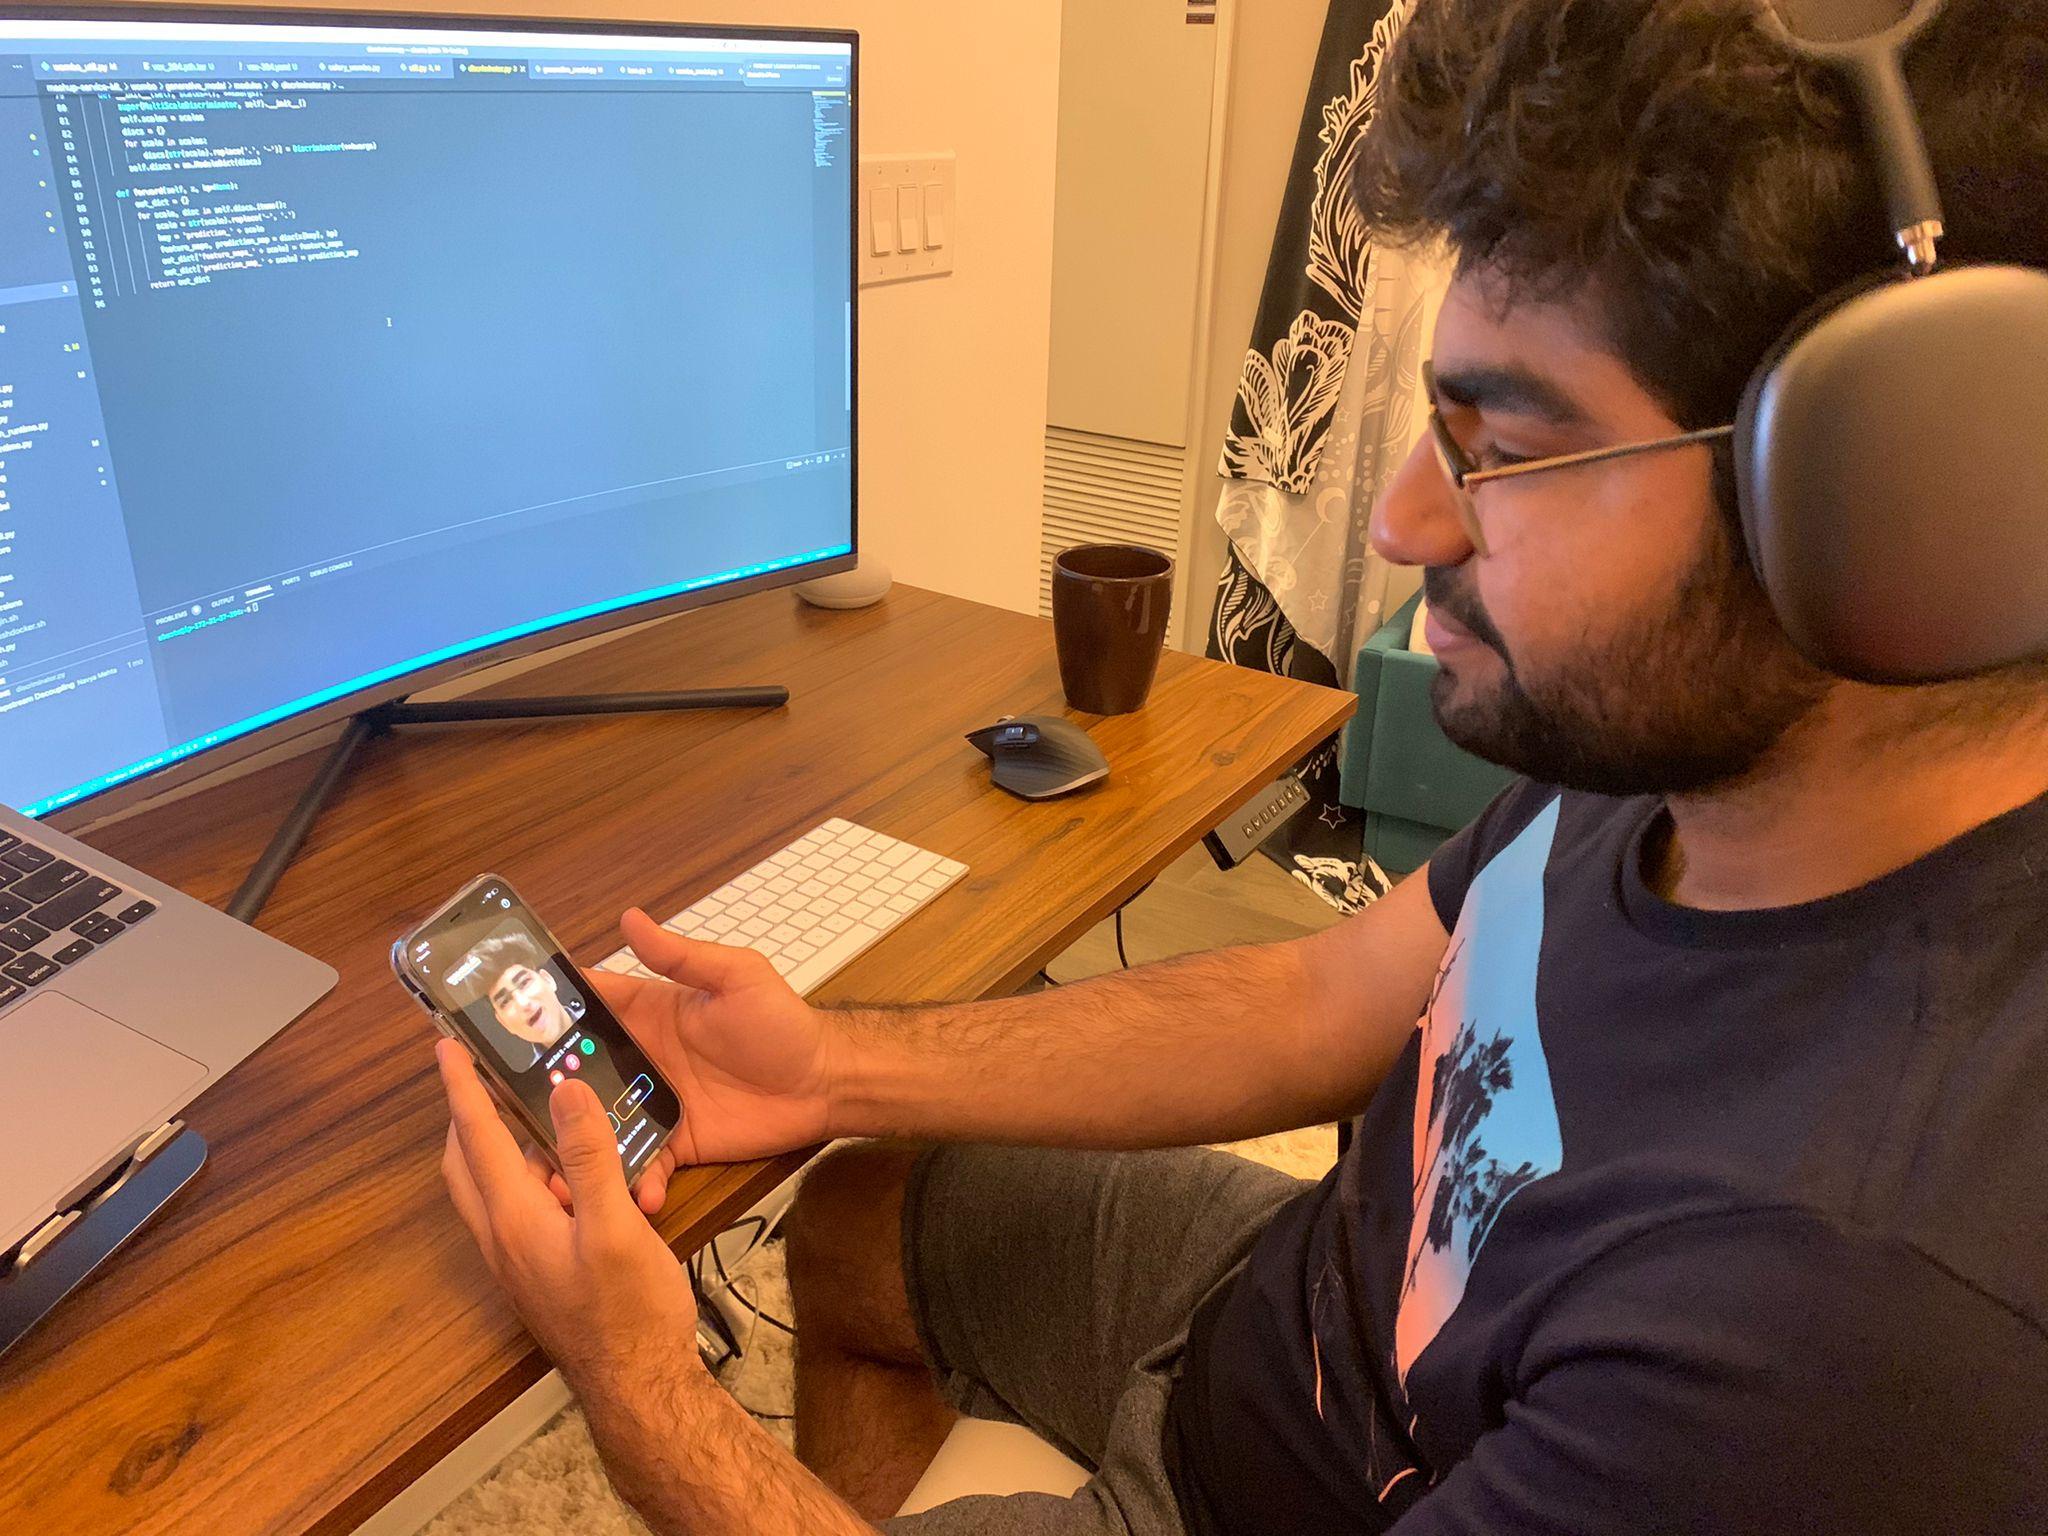 Parshant Utam using the Wombo app on his phone